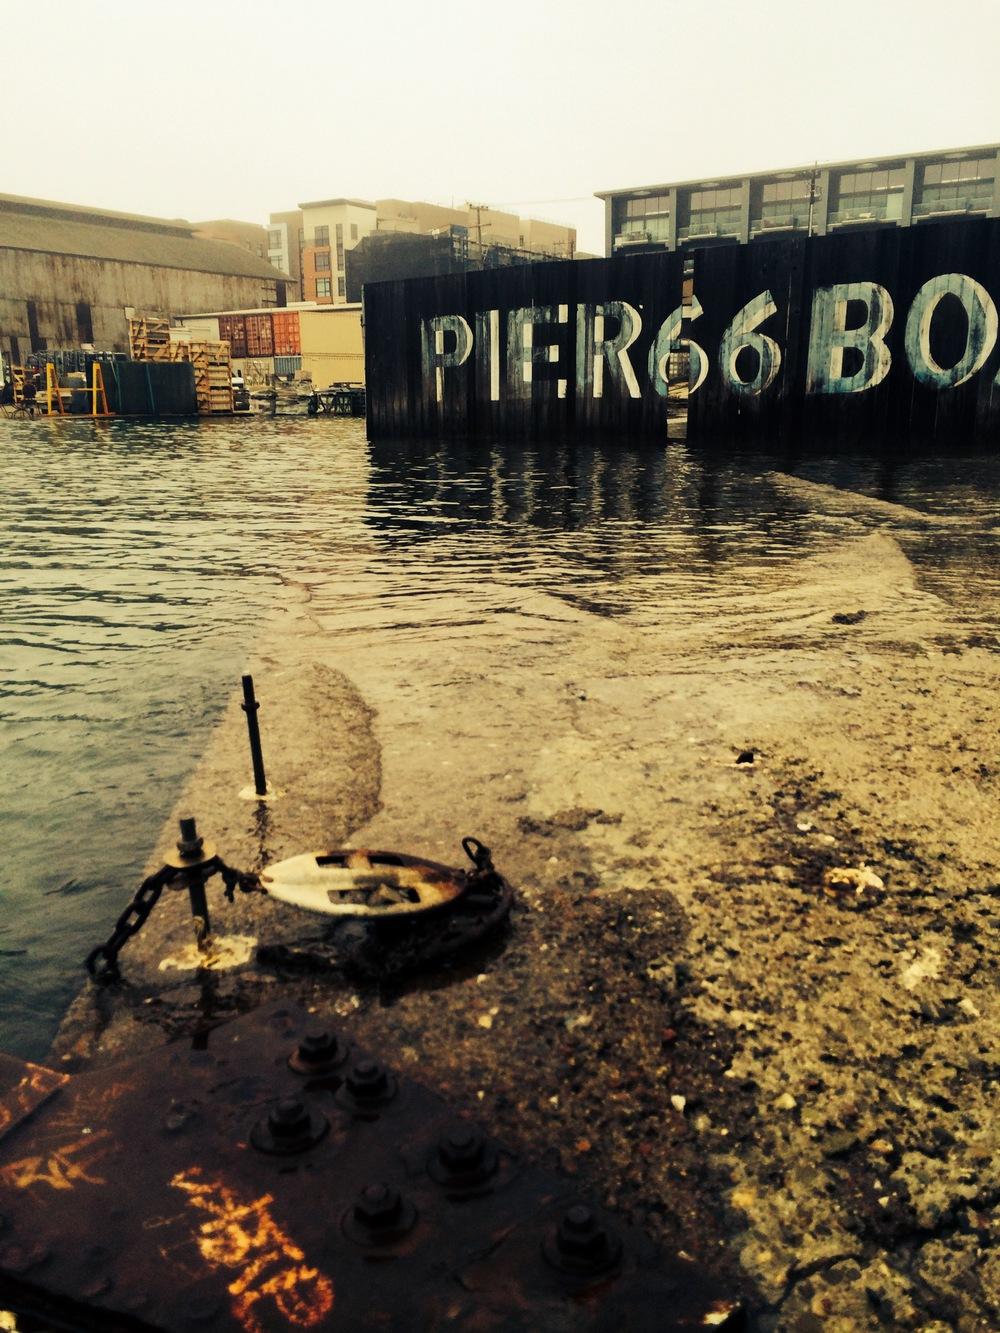 Pier66SFPublicShore8.JPG